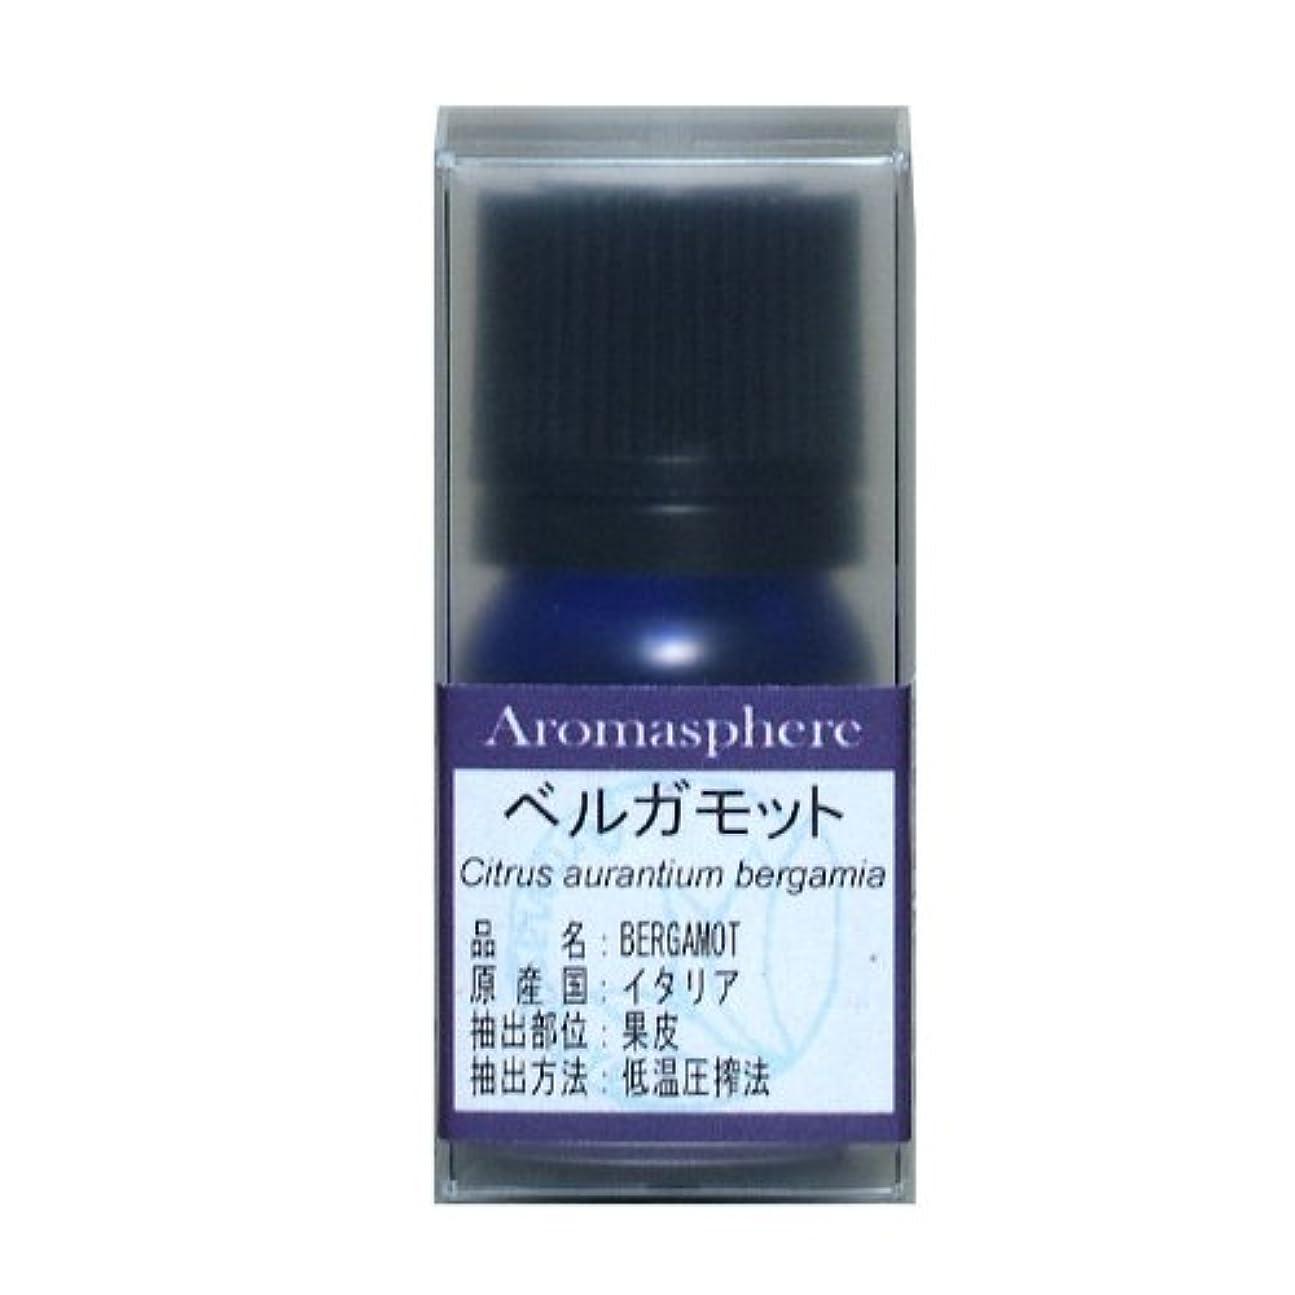 残酷なアーティストボール【アロマスフィア】ベルガモット 5ml エッセンシャルオイル(精油)